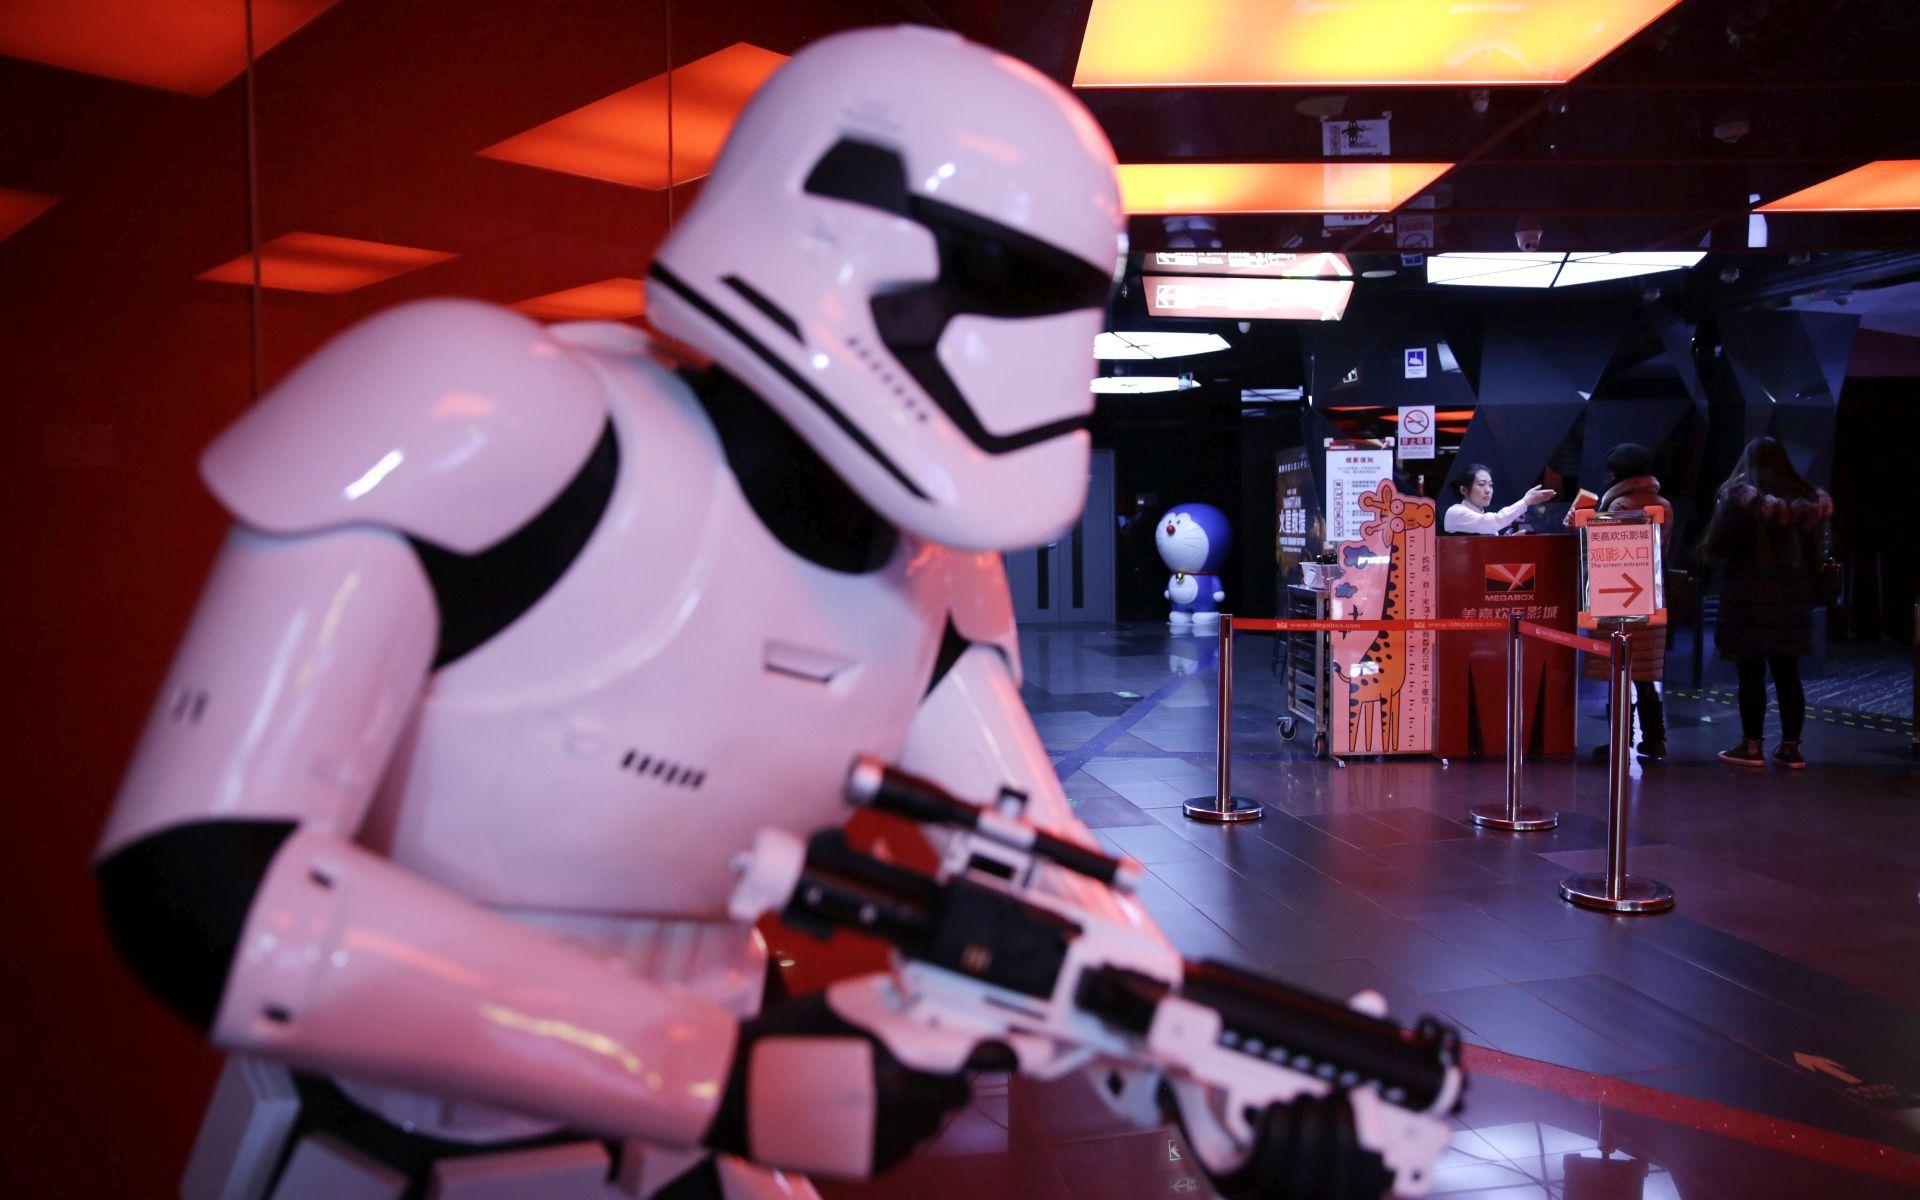 PREPRAVLJA SE SCENARIJ? Disney odgodio premijeru osmog nastavka 'Ratova zvijezda'